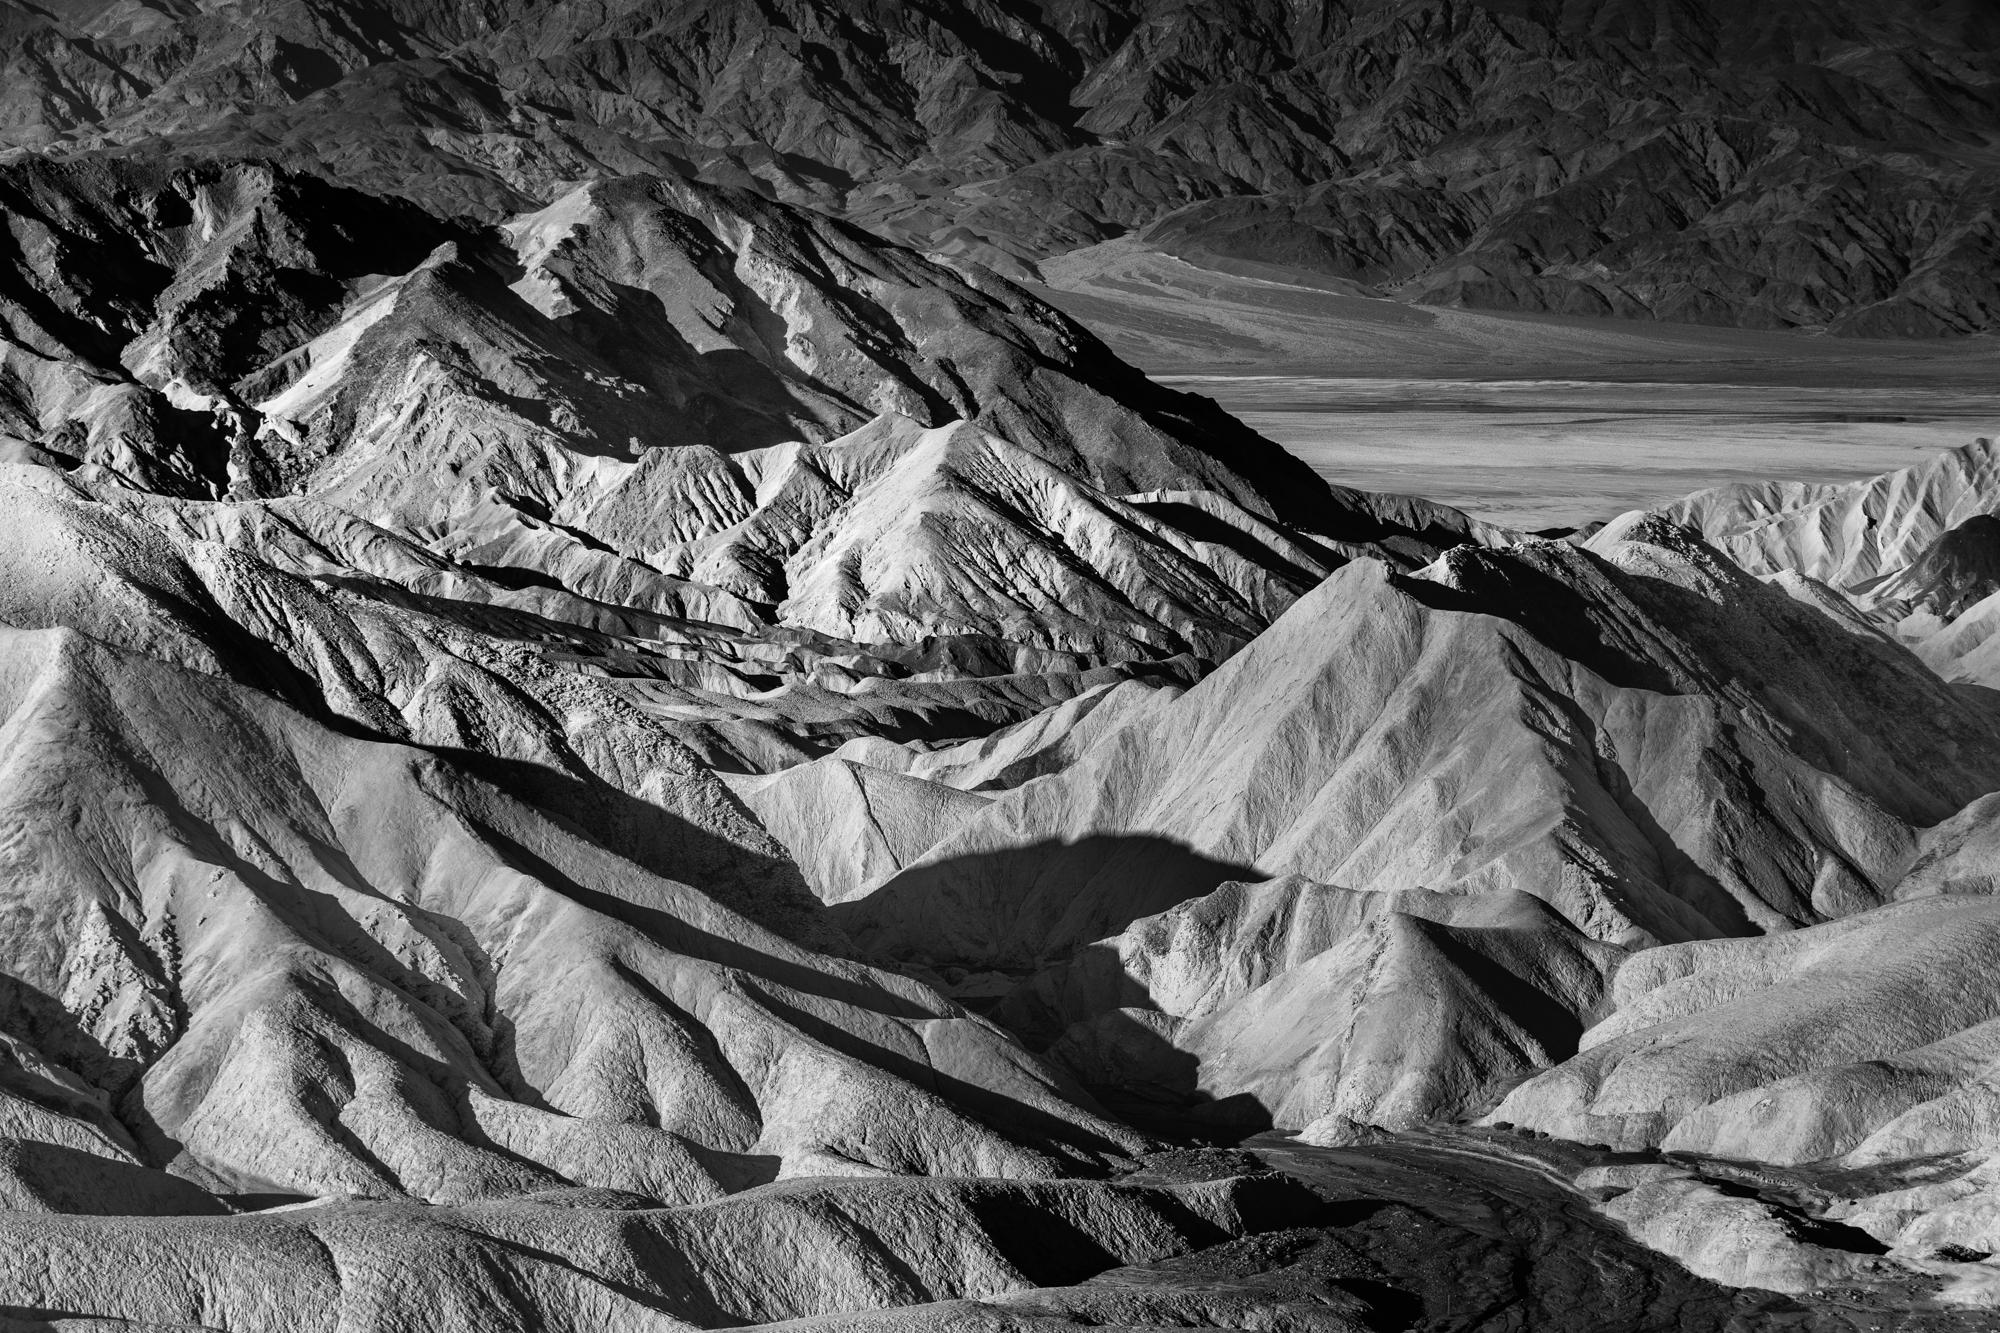 Peaks - Death Valley